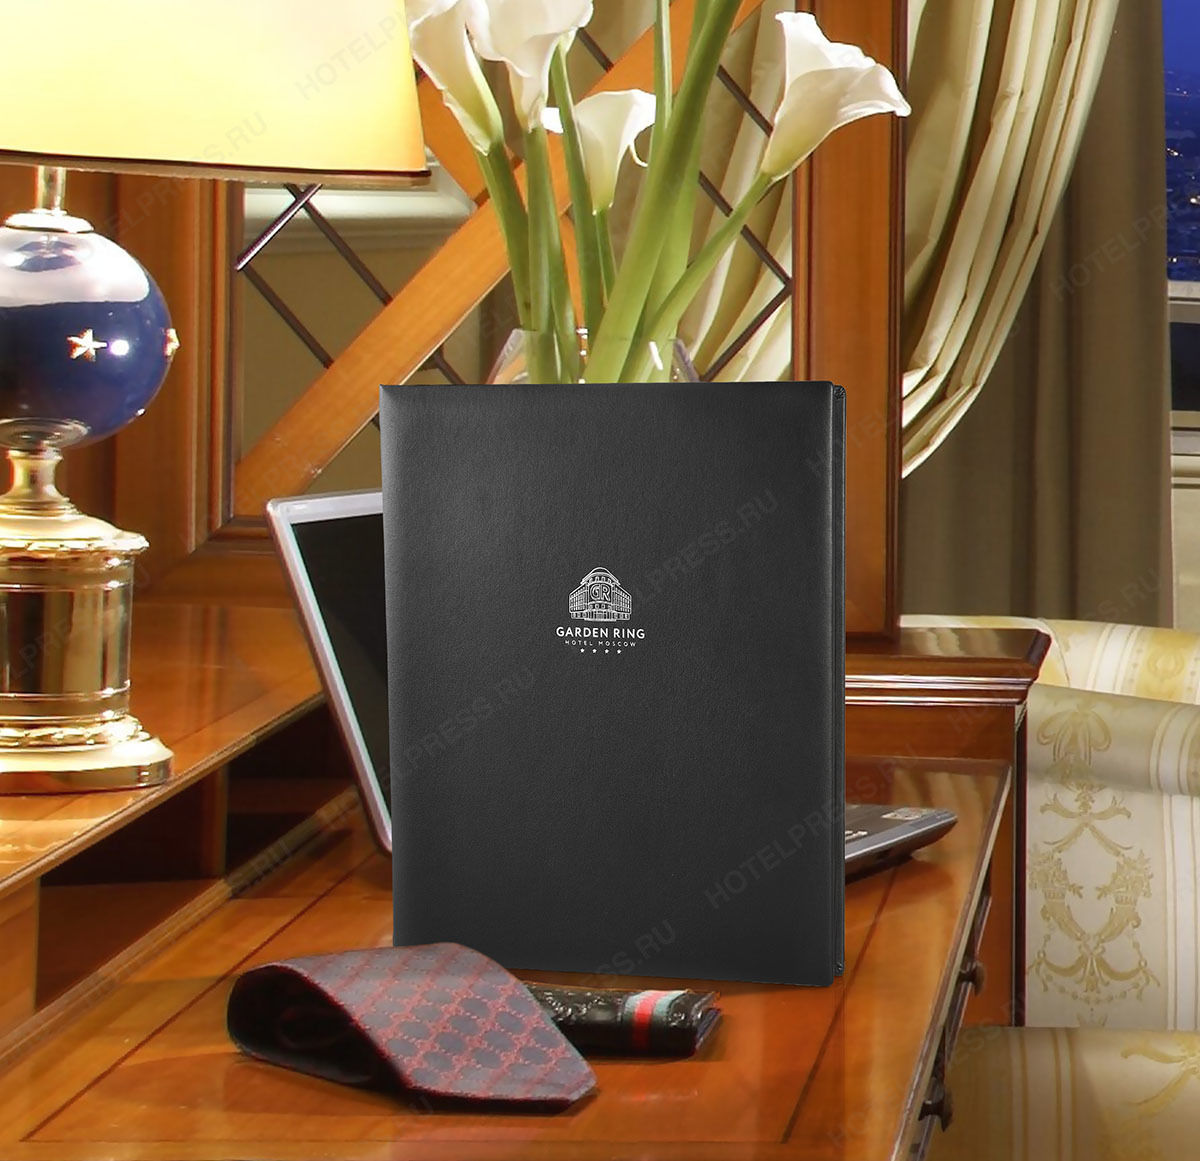 Папка для гостей гостиницы или отеля